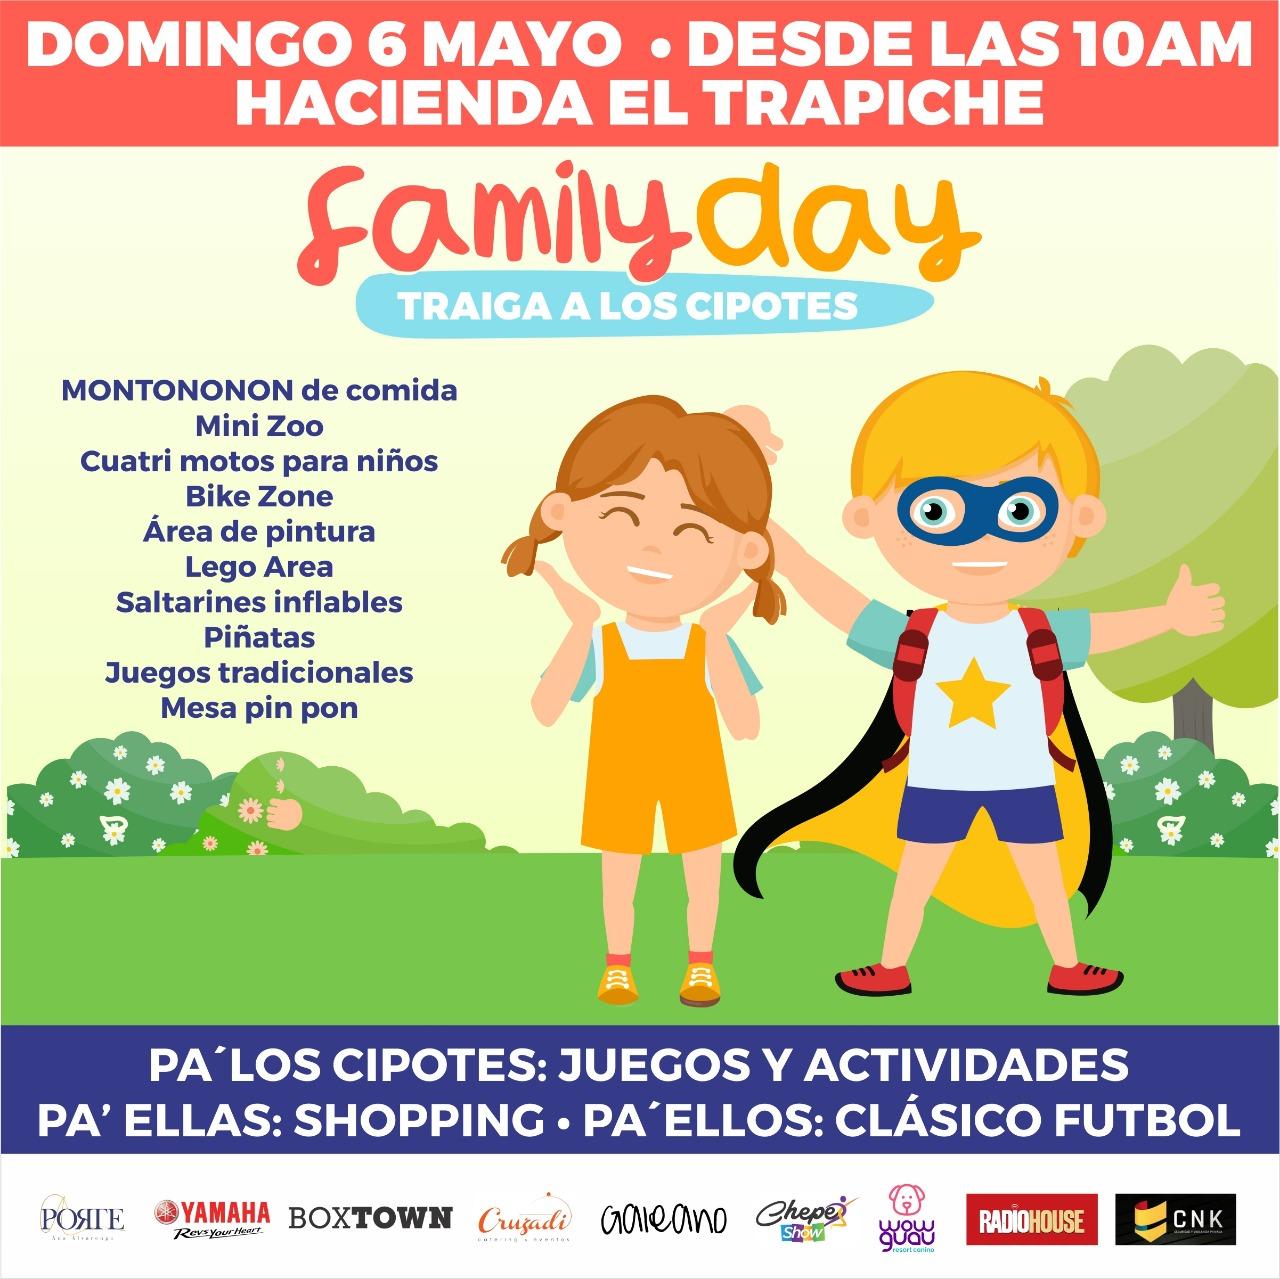 Domingo Lleven A Los Cipotes Al Family Day En Hacienda El Trapiche